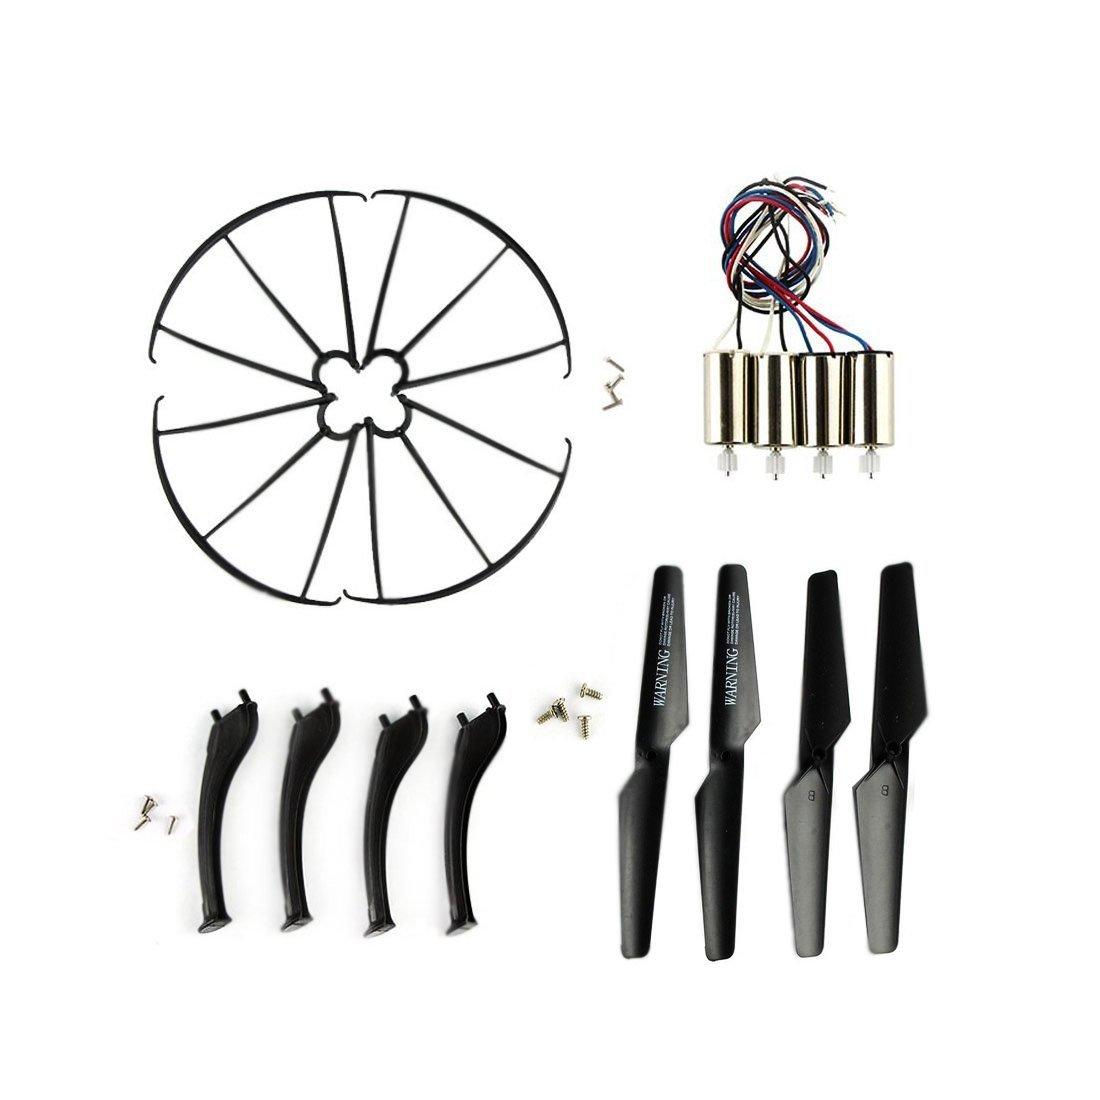 Kit Repuesto Drone Syma X5sc X5sw (xsr)